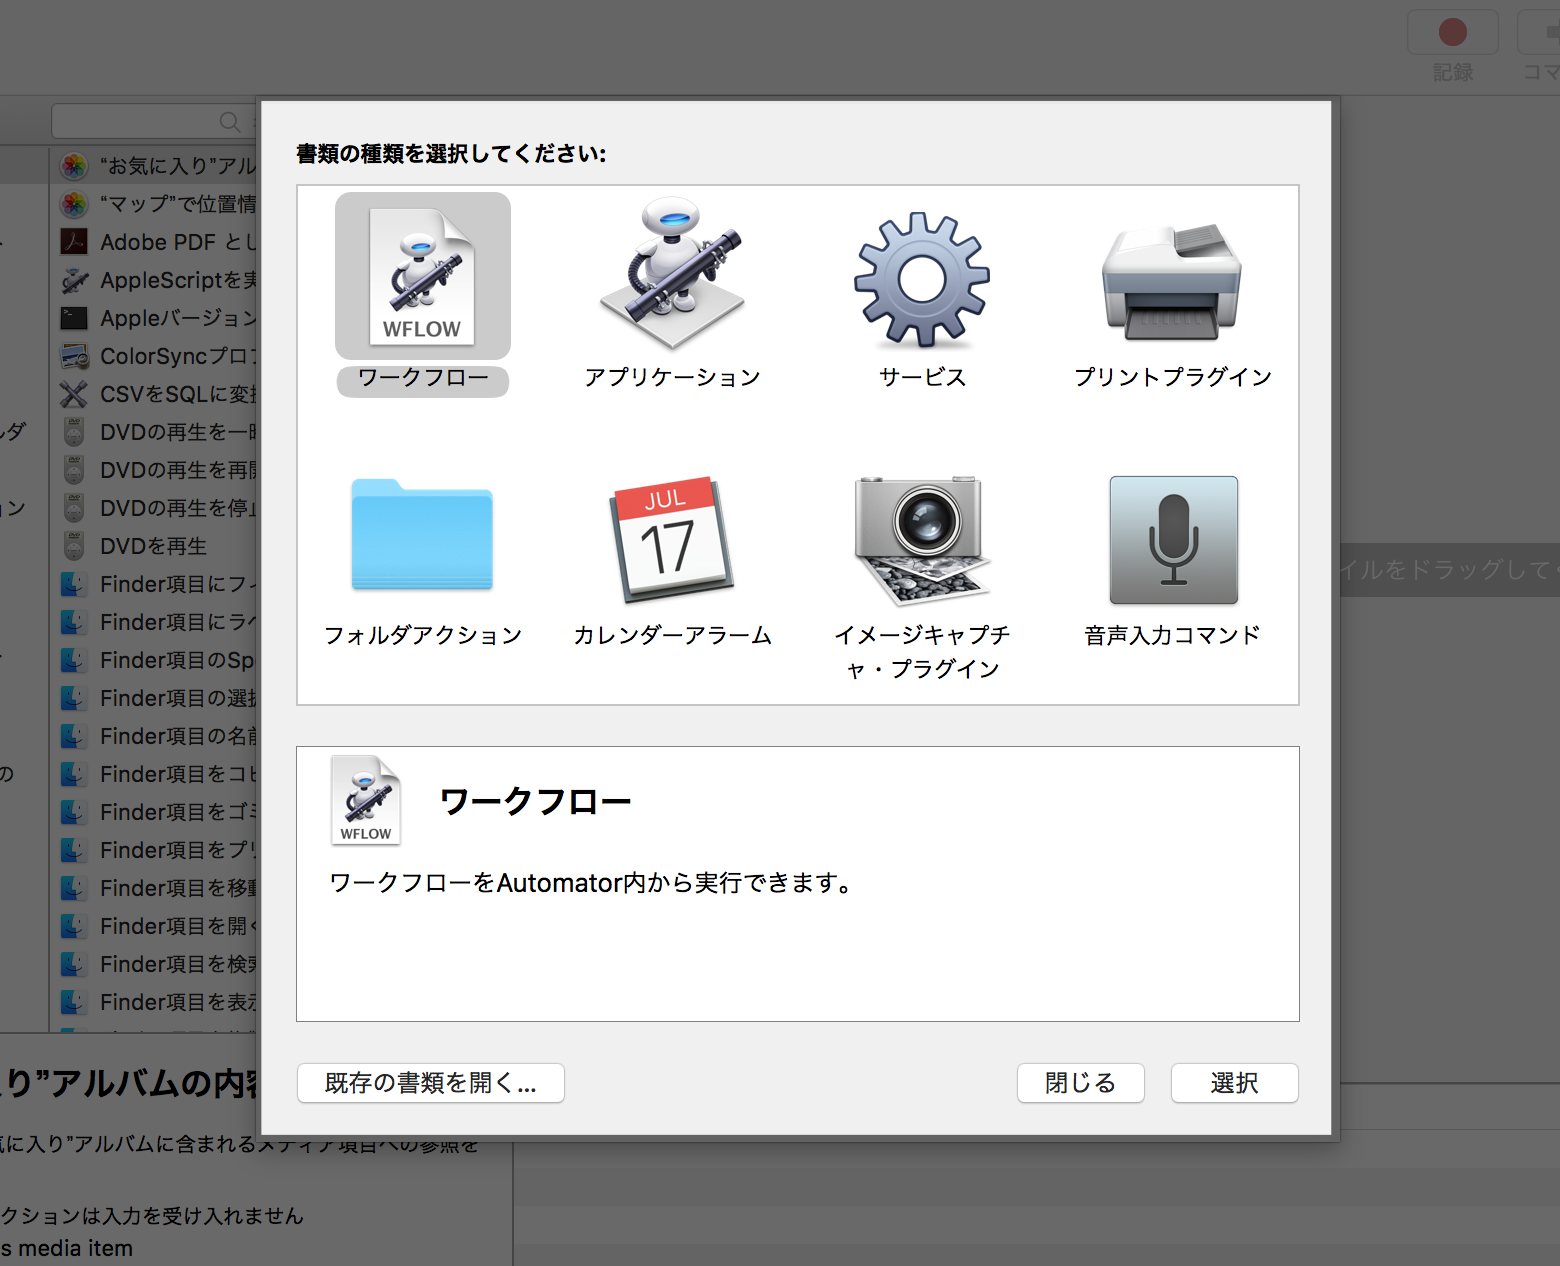 Macの操作を自動化できるAutomat...